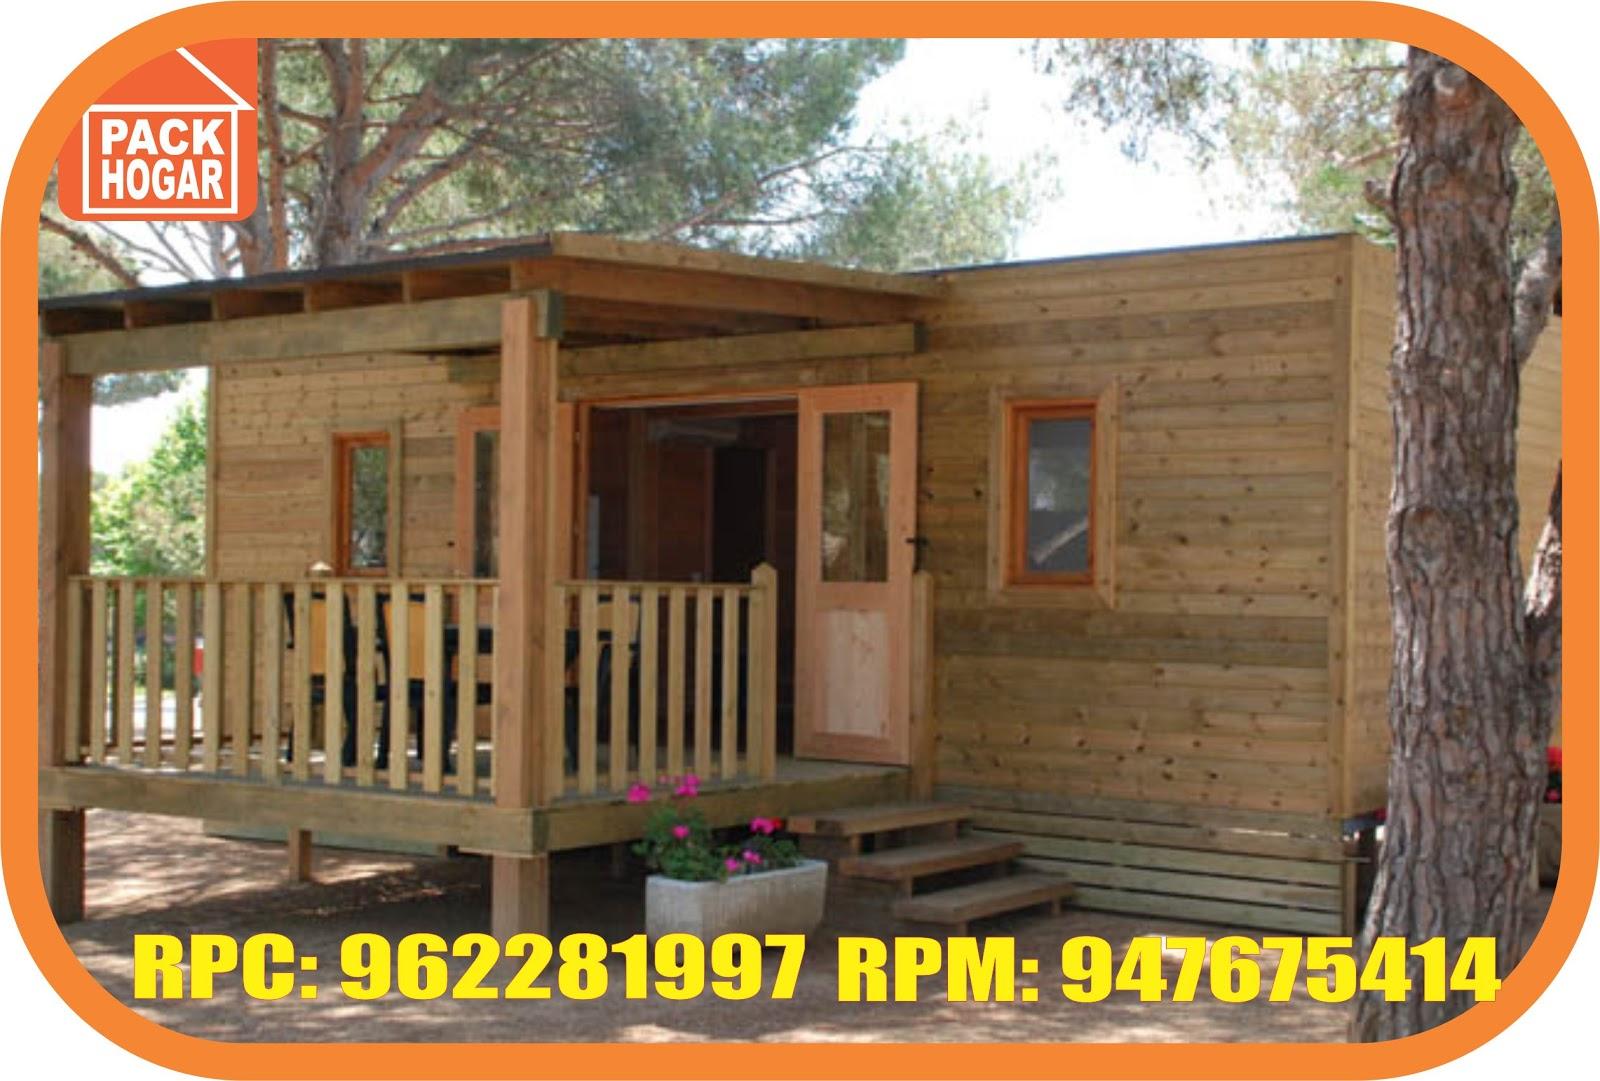 Peque as caba as de madera en lunahuana ca ete peru for Casas prefabricadas pequenas